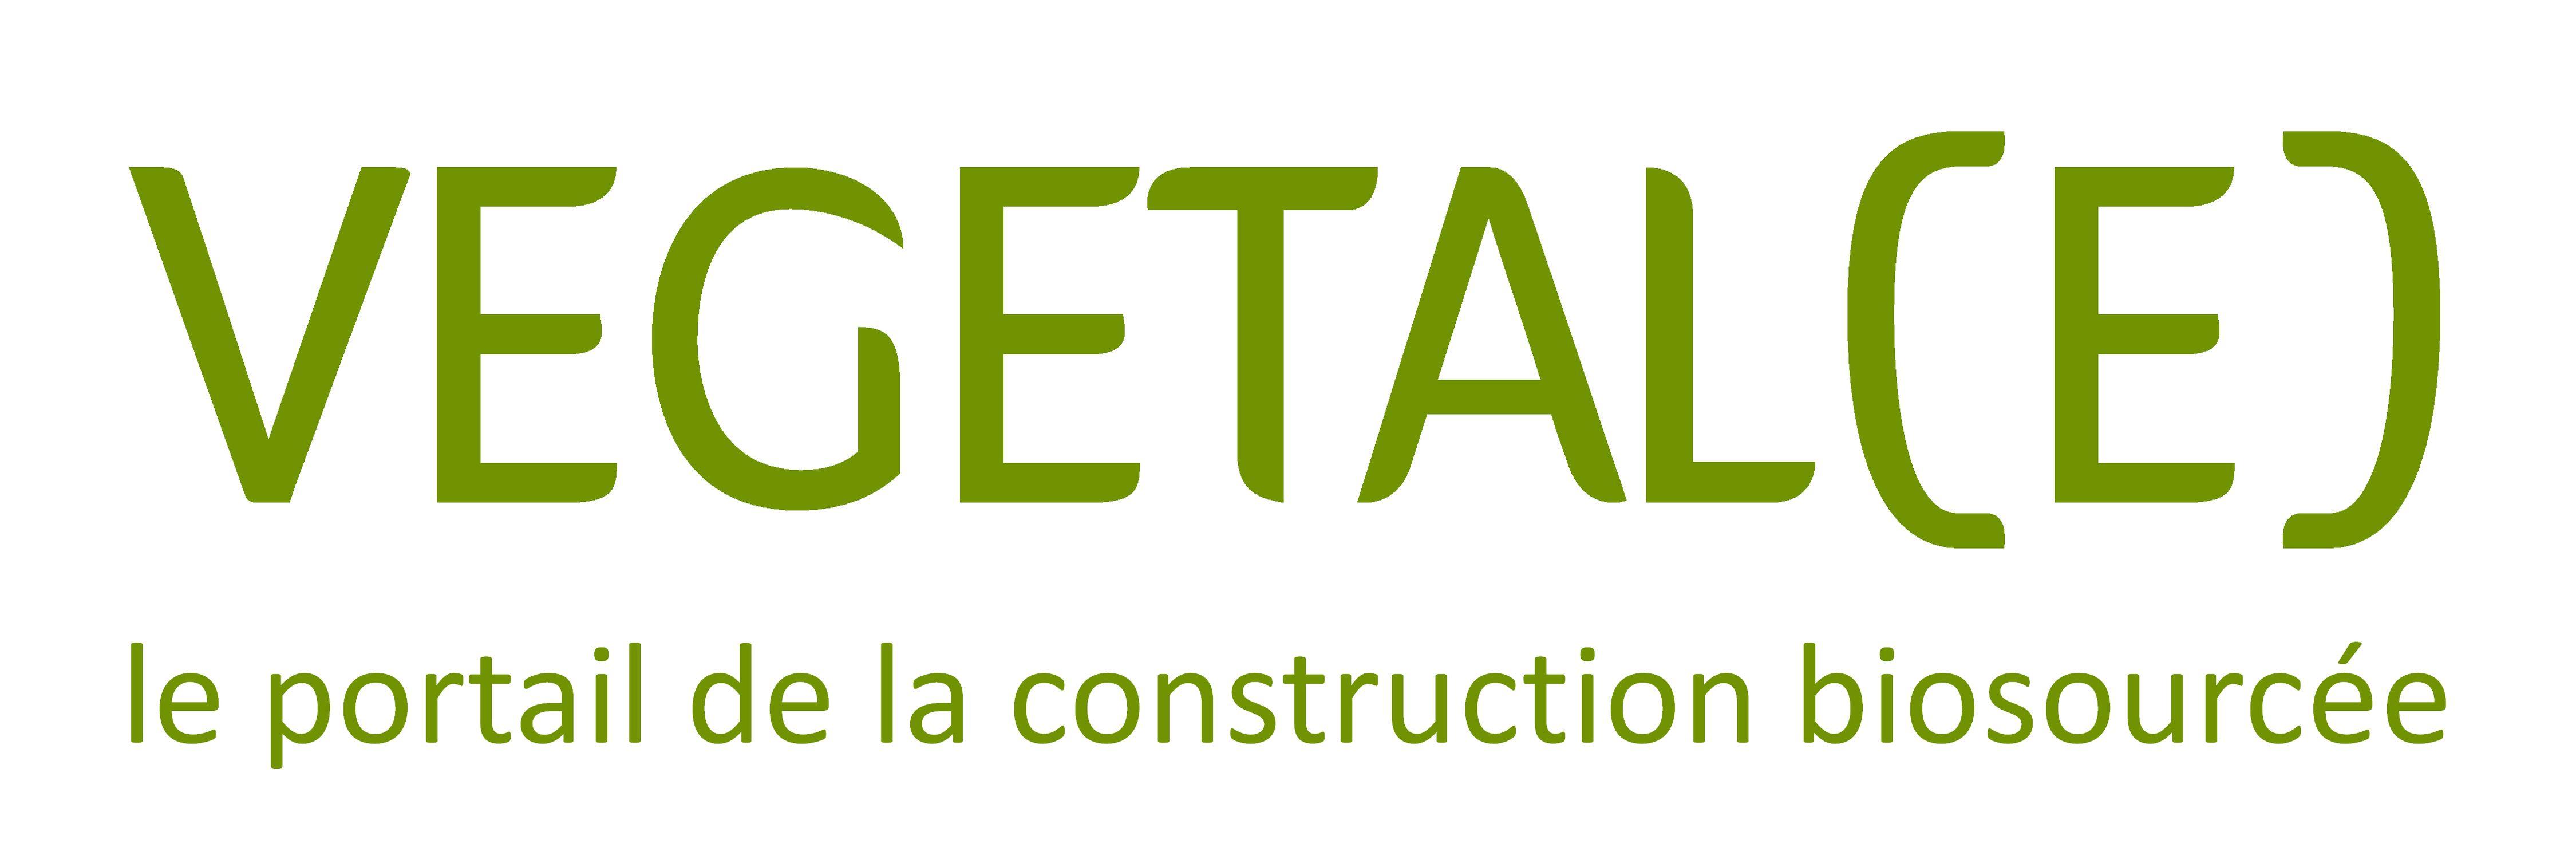 VEGETAL-E le portail de la construction biosourcée